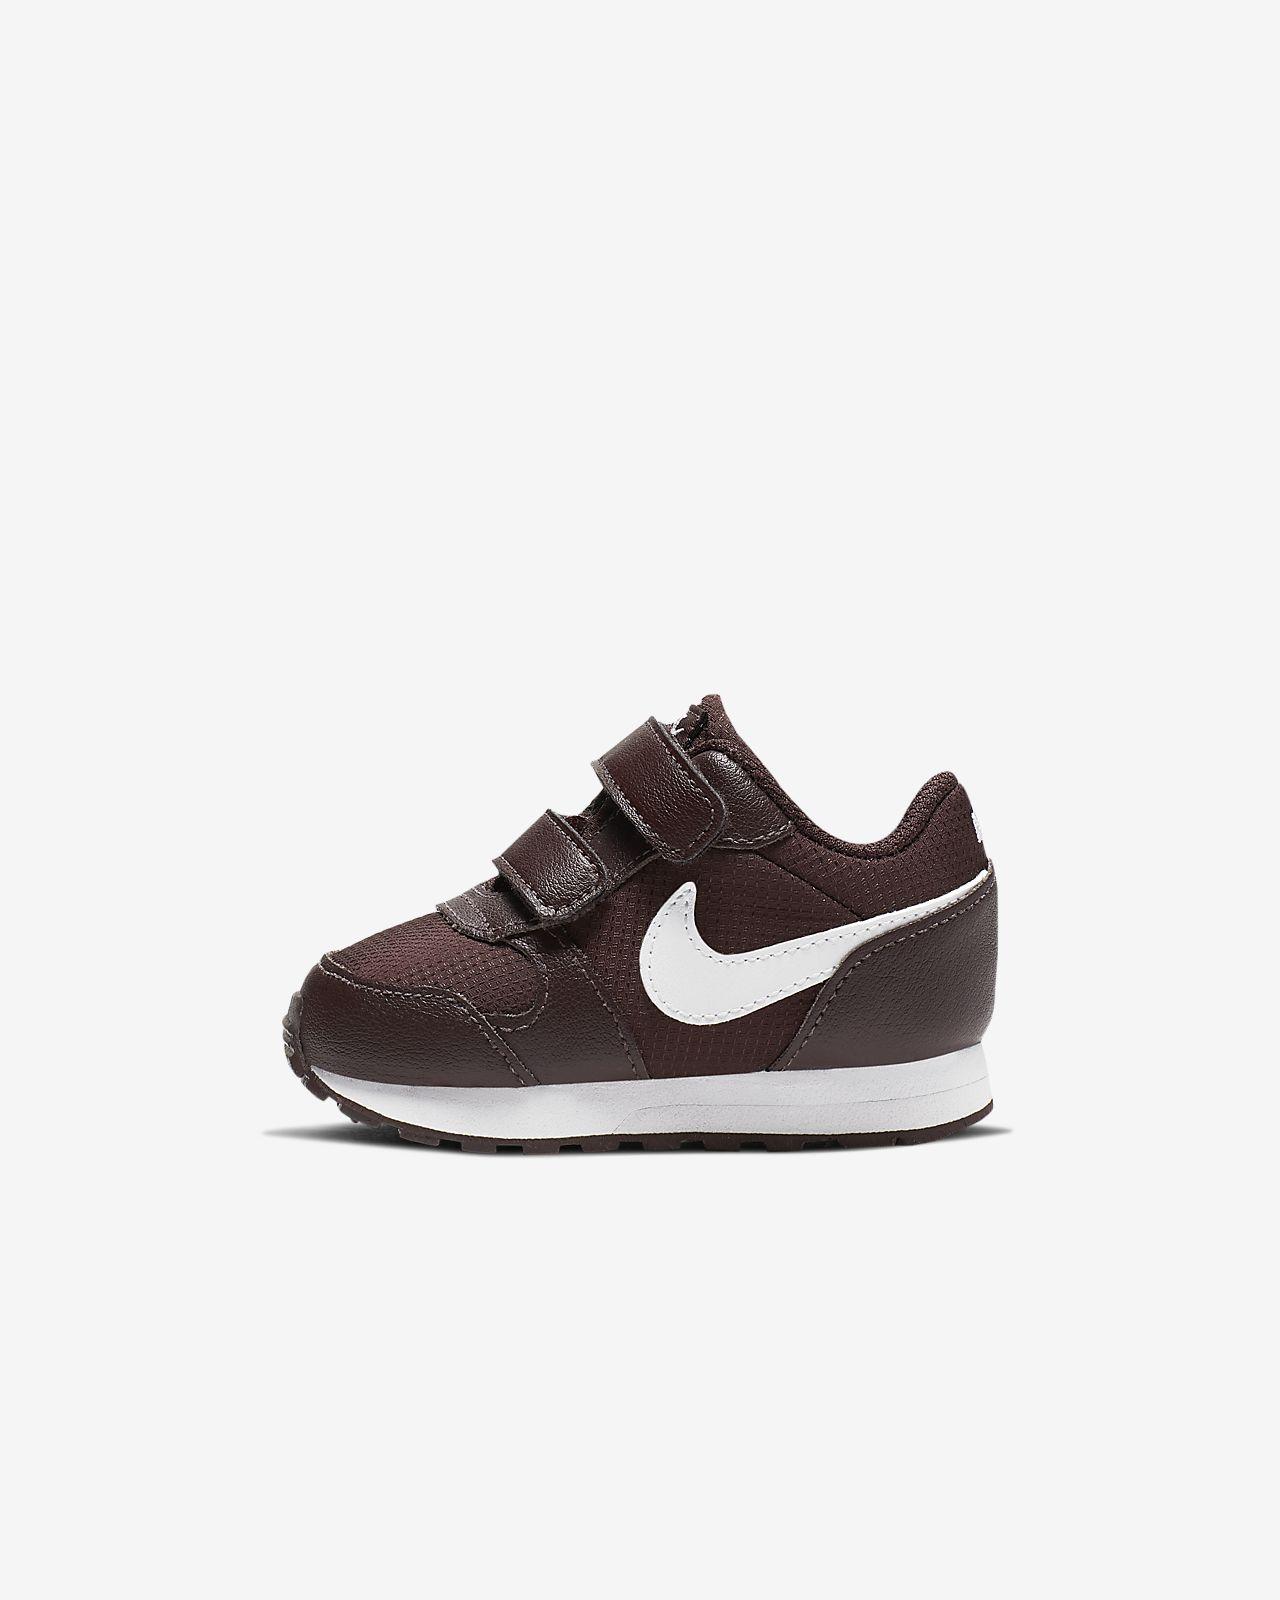 Zapatillas Nike MD Runner 2 en oferta